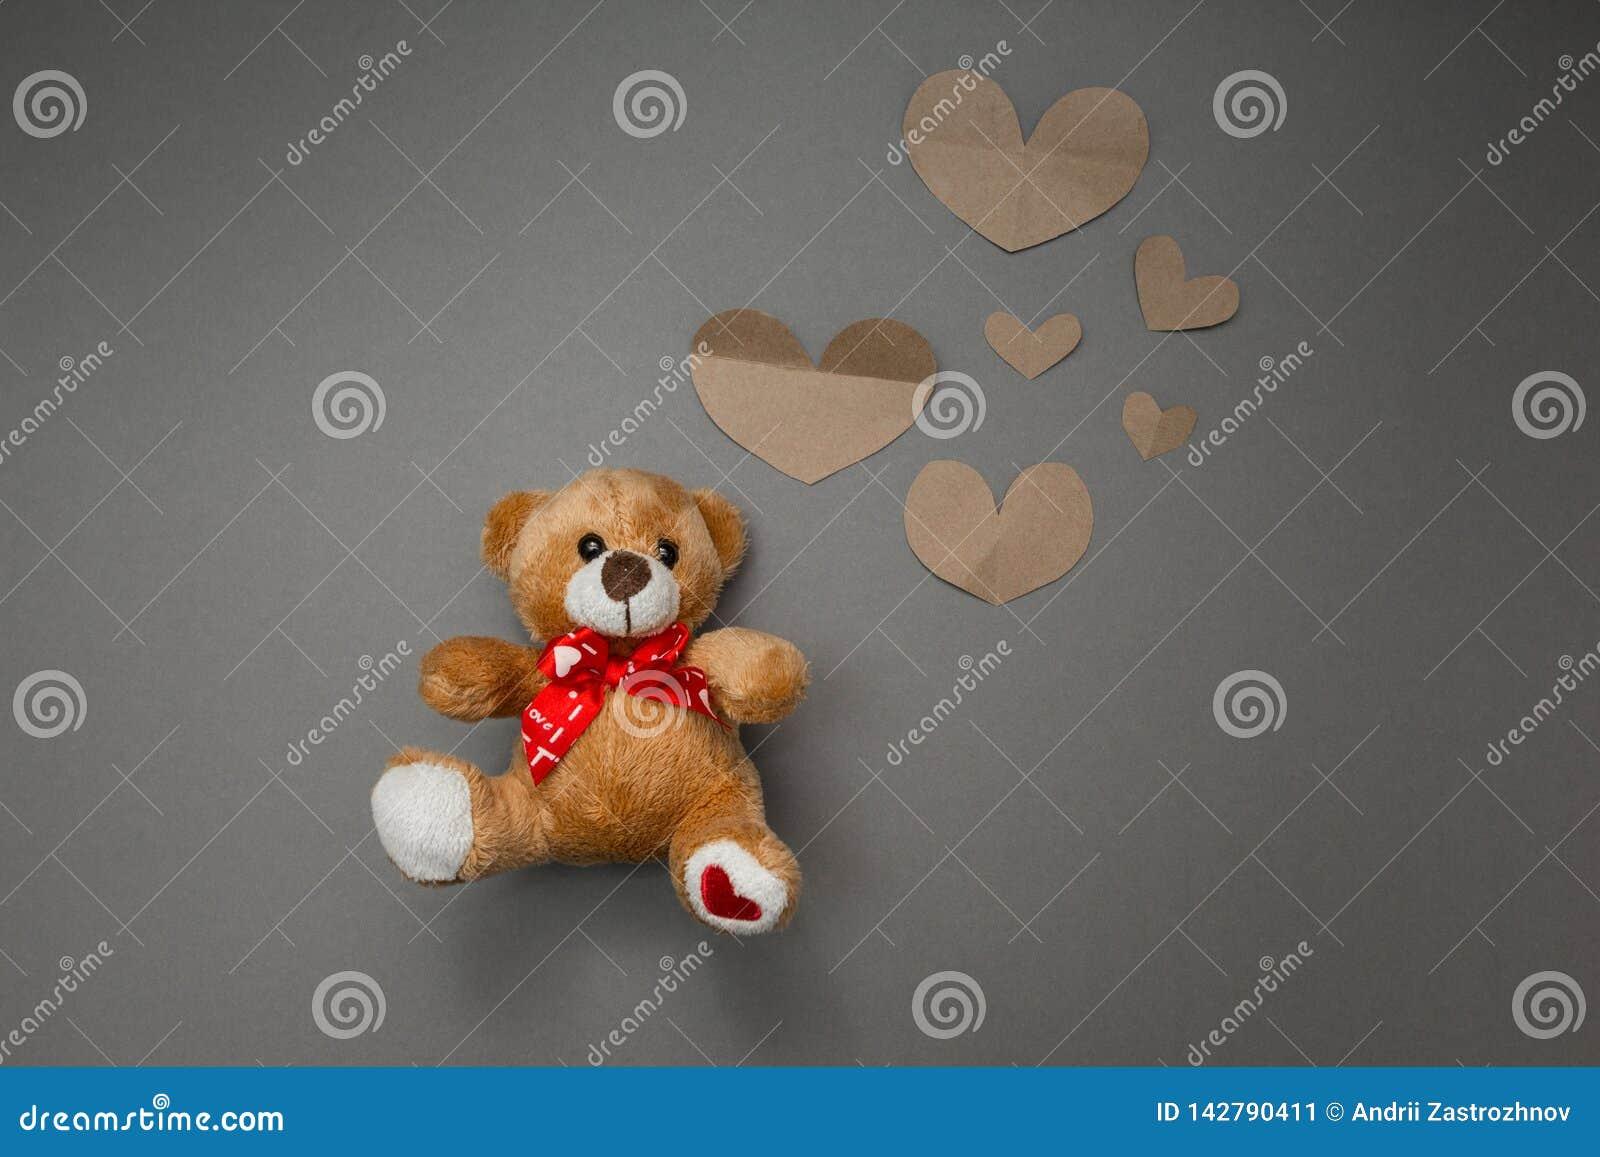 Oso de peluche y corazones de papel